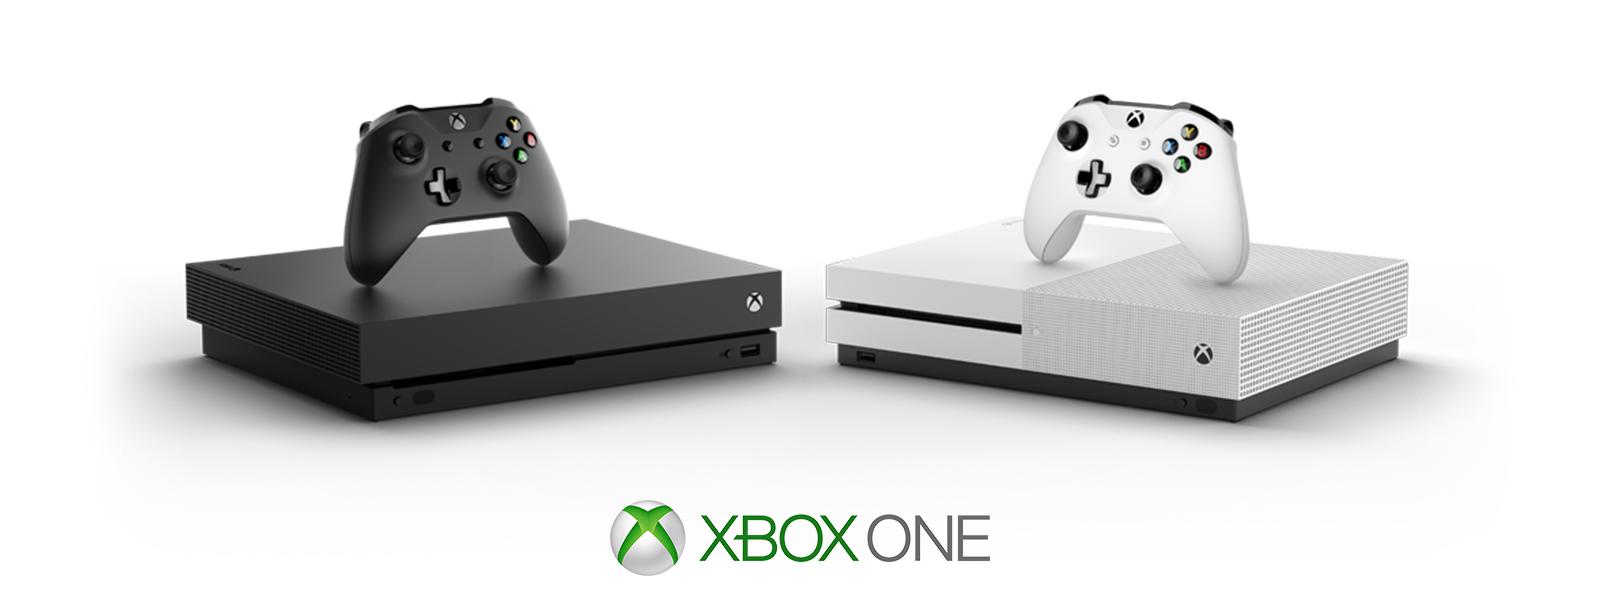 Xbox One X и Xbox One S